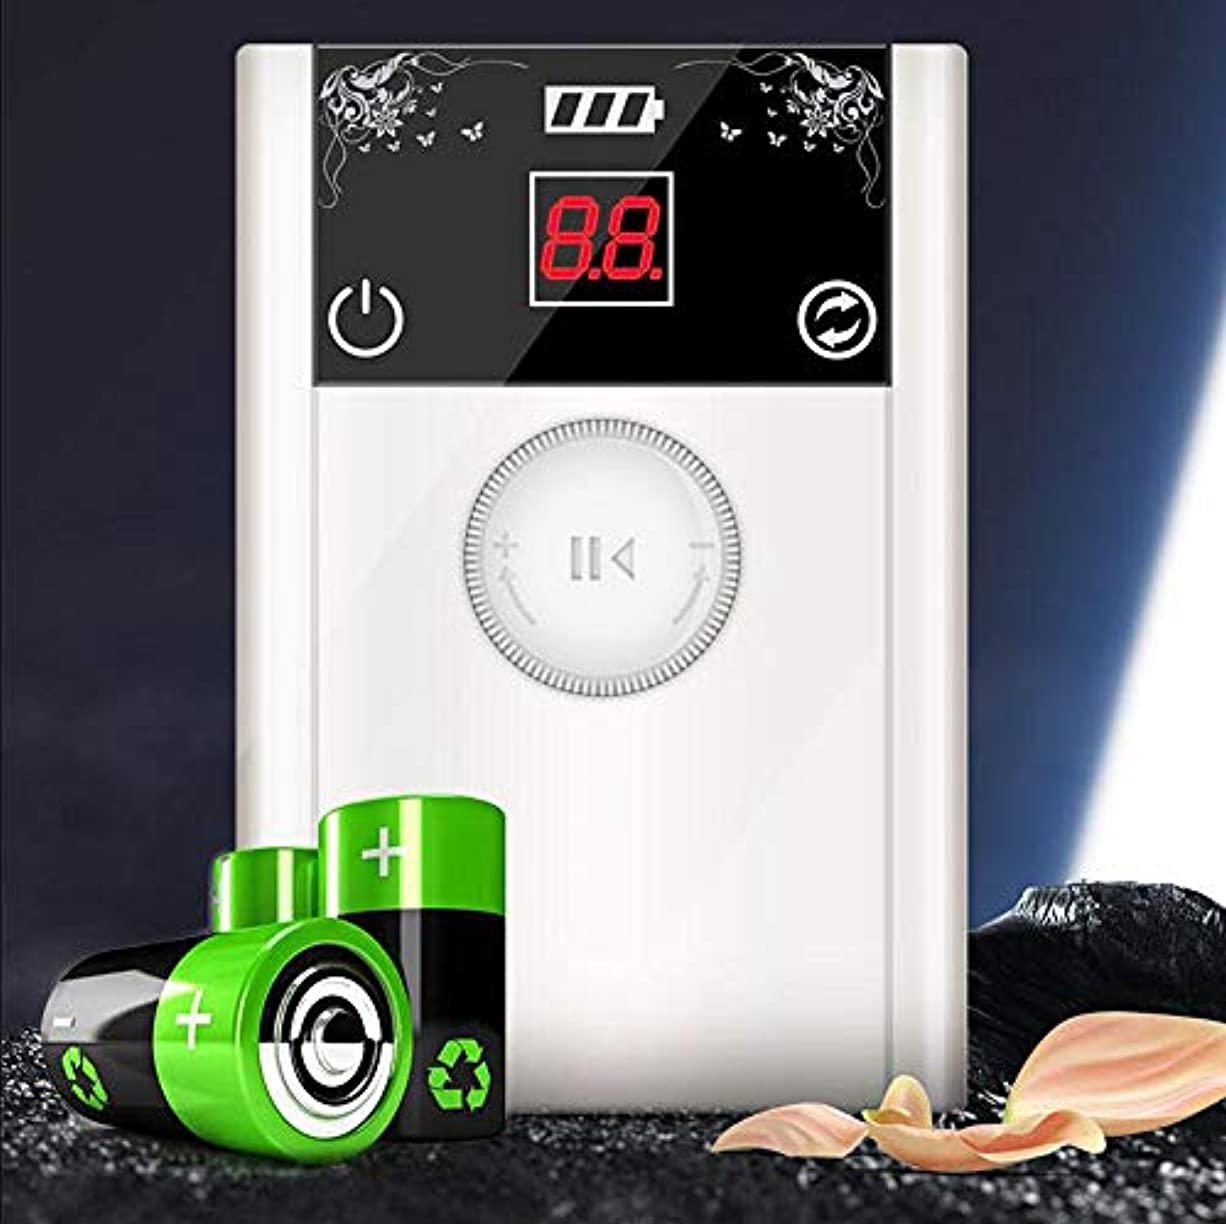 マントル年齢候補者ポータブル新しい到着40000 rpmネイルドリルマニキュア機ブラシレス強力な80ワットネイルアートツールポーランド電気ネイルドリルファイル,White